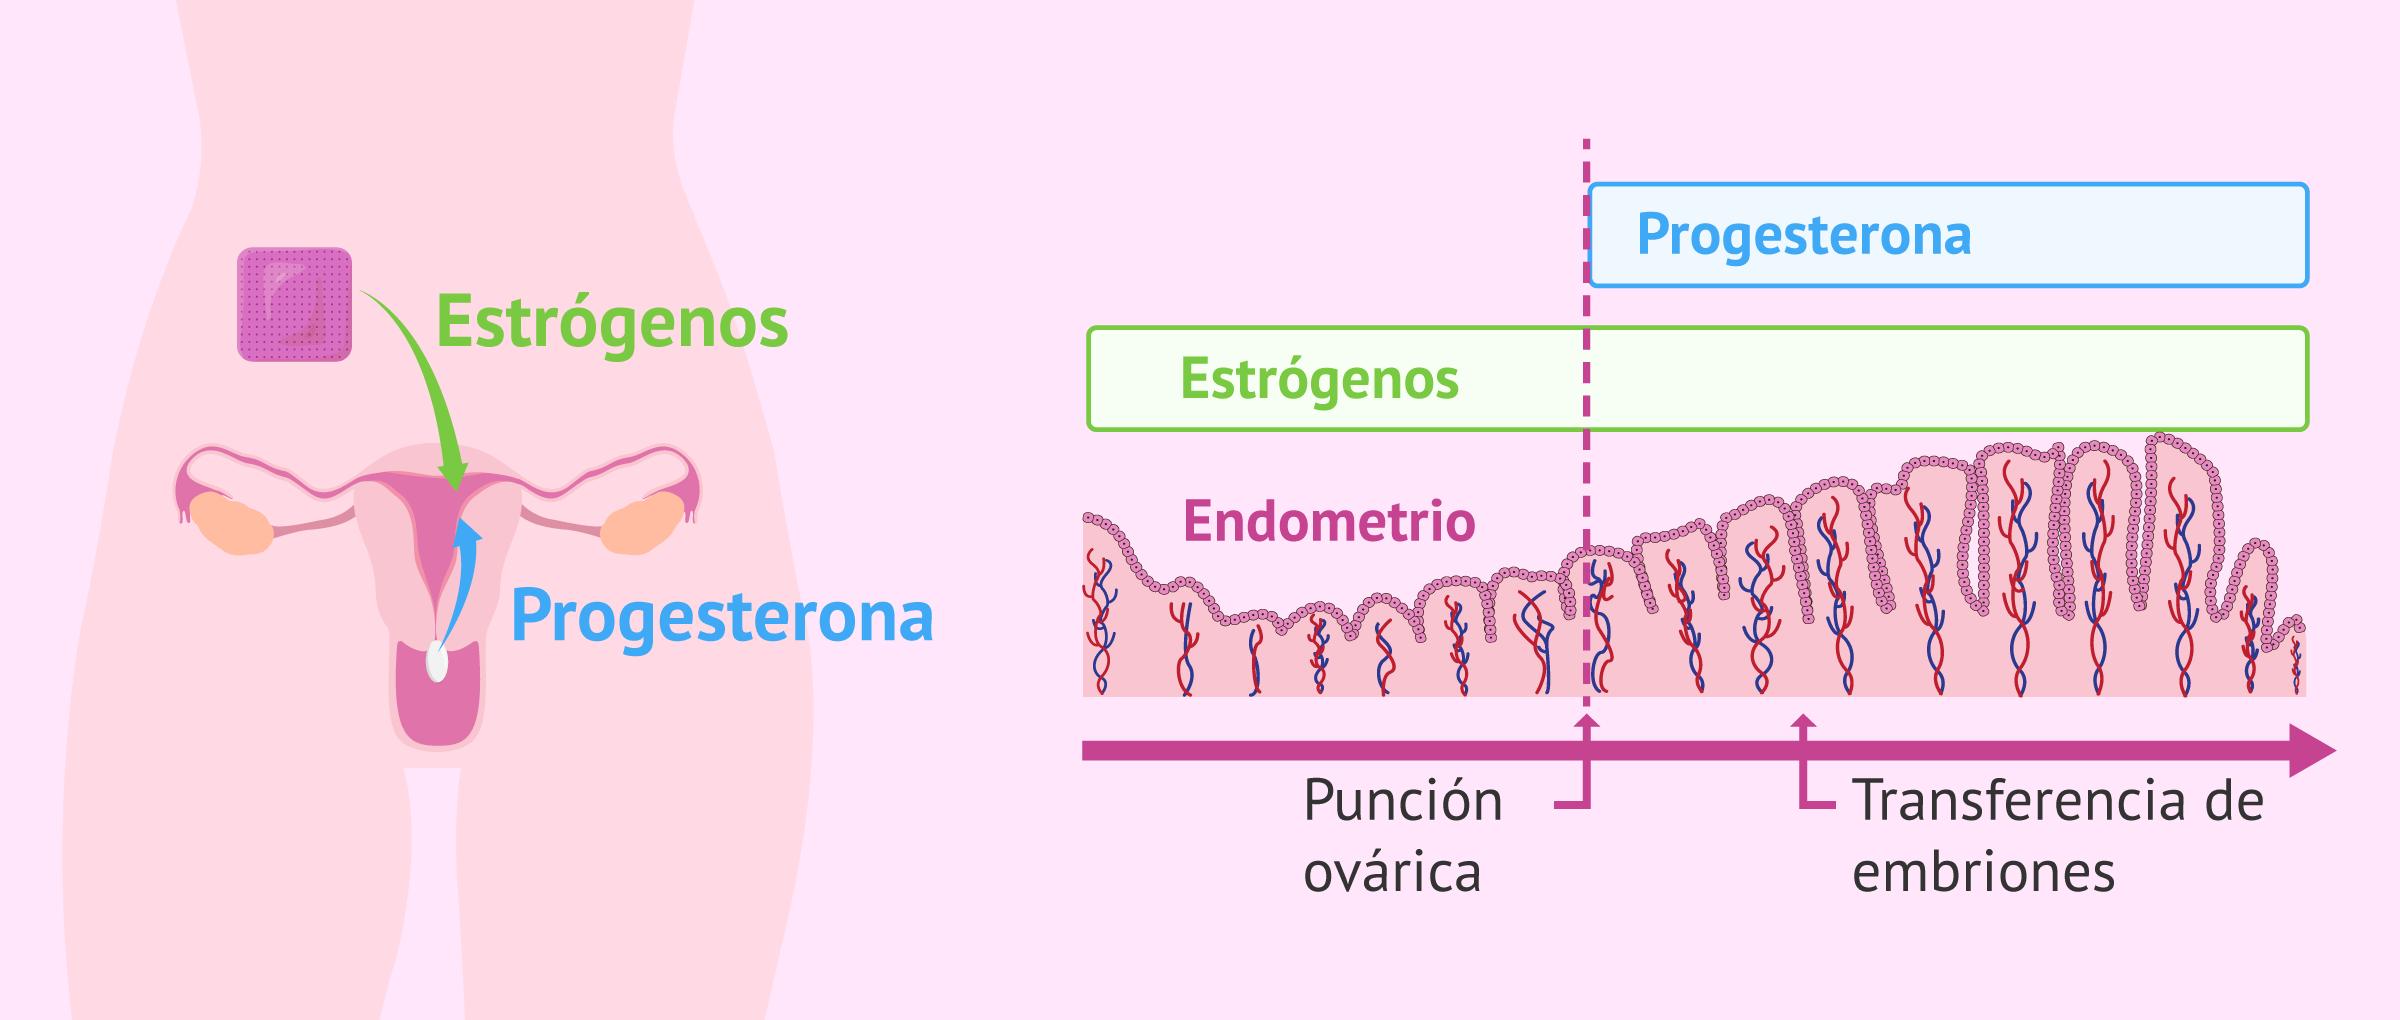 Preparación endometrial para la transferencia embrionaria